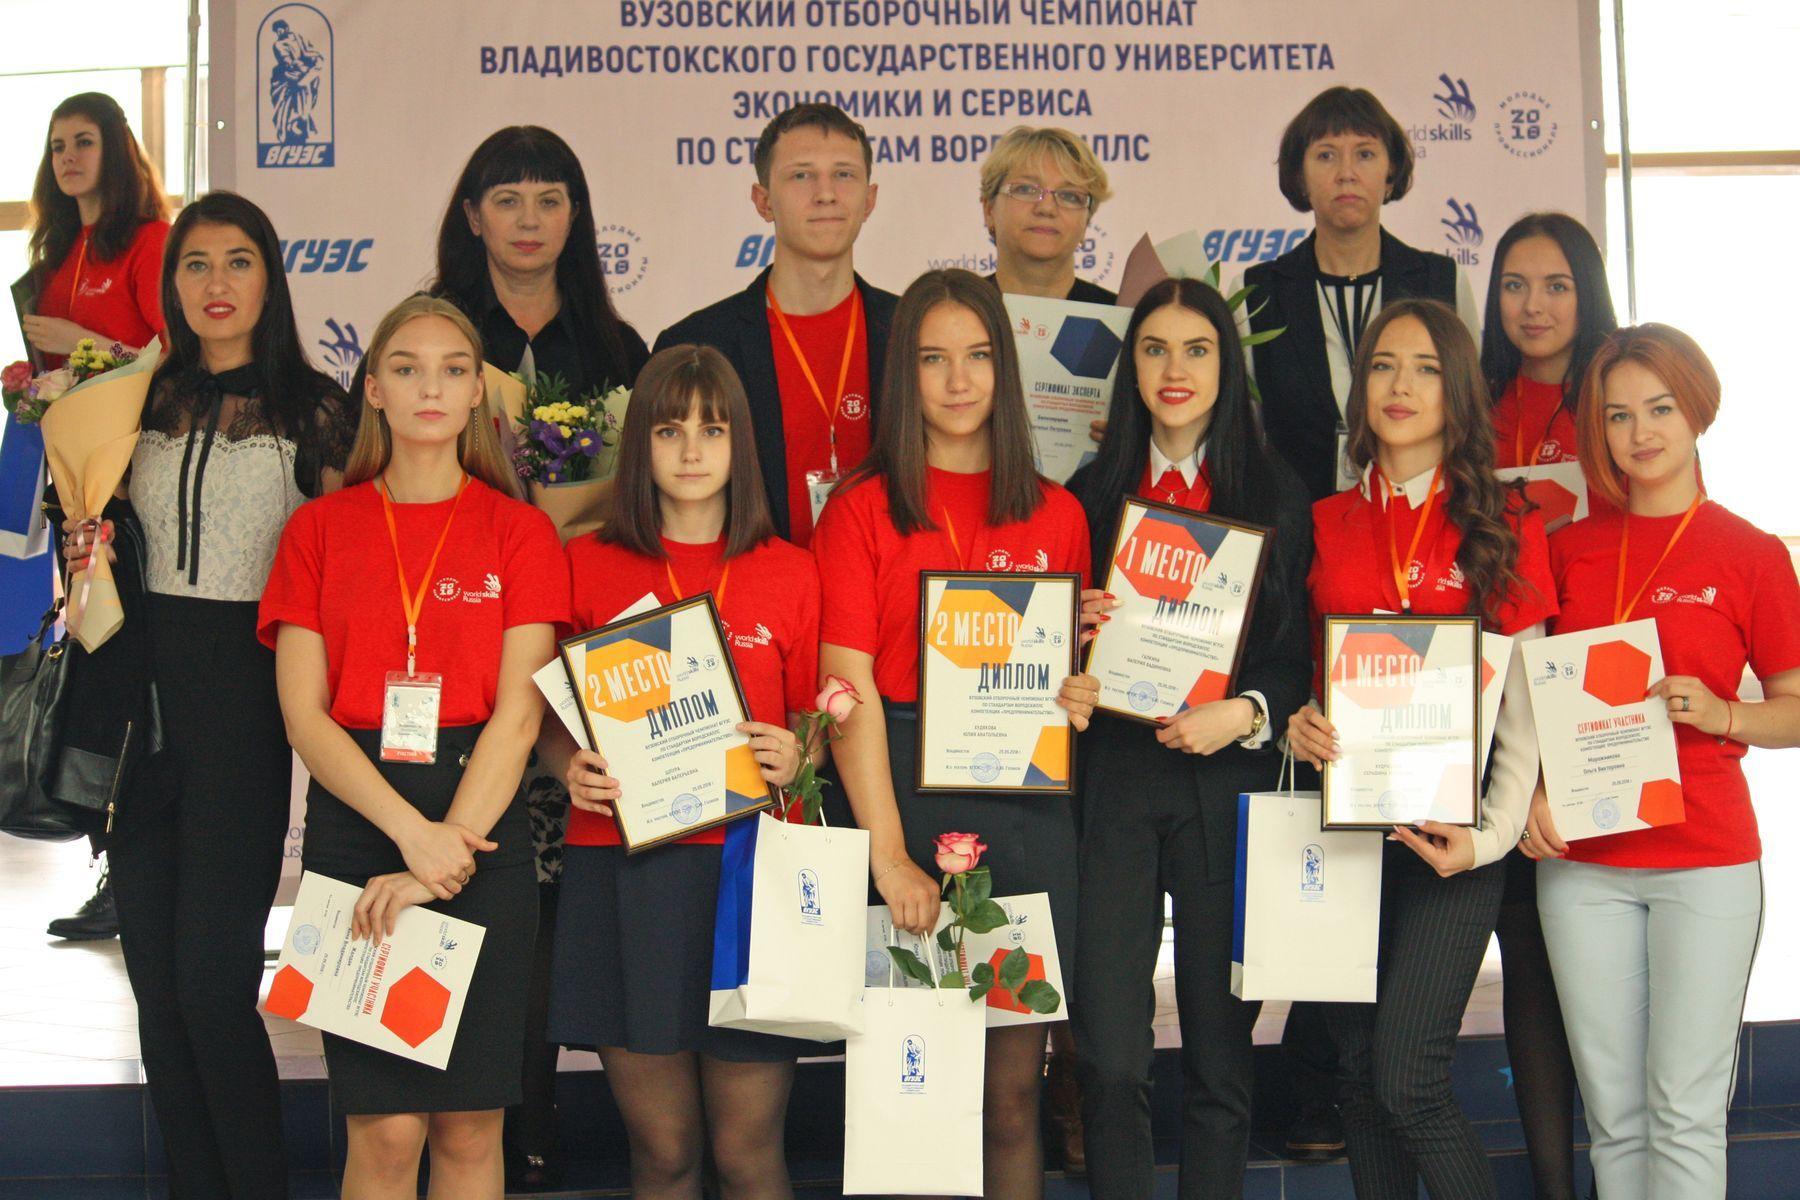 Второй вузовский отборочный чемпионат по стандартам Ворлдскиллс: итоги